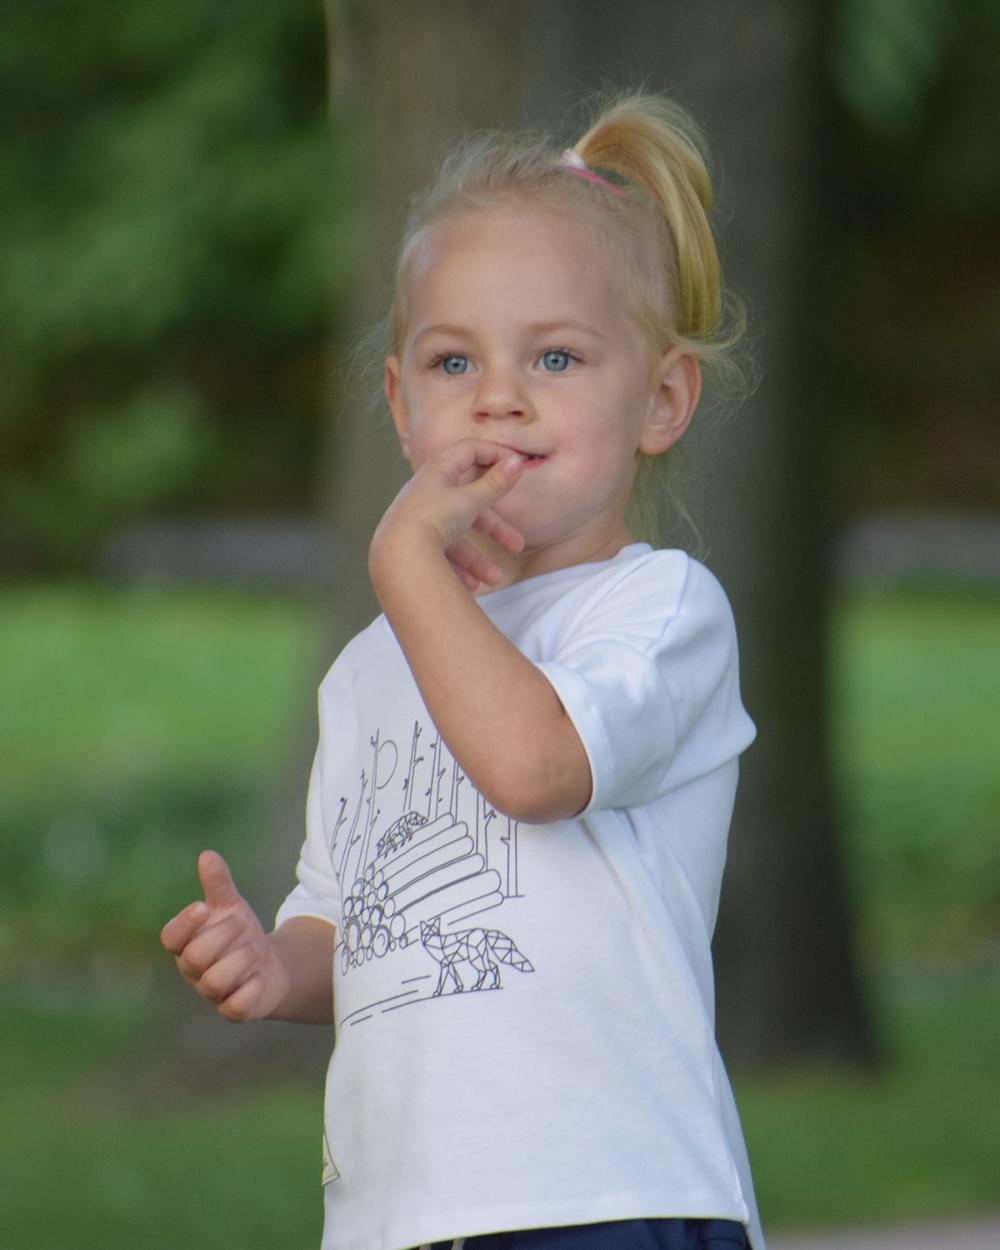 nietypowe koszulki dla dzieci